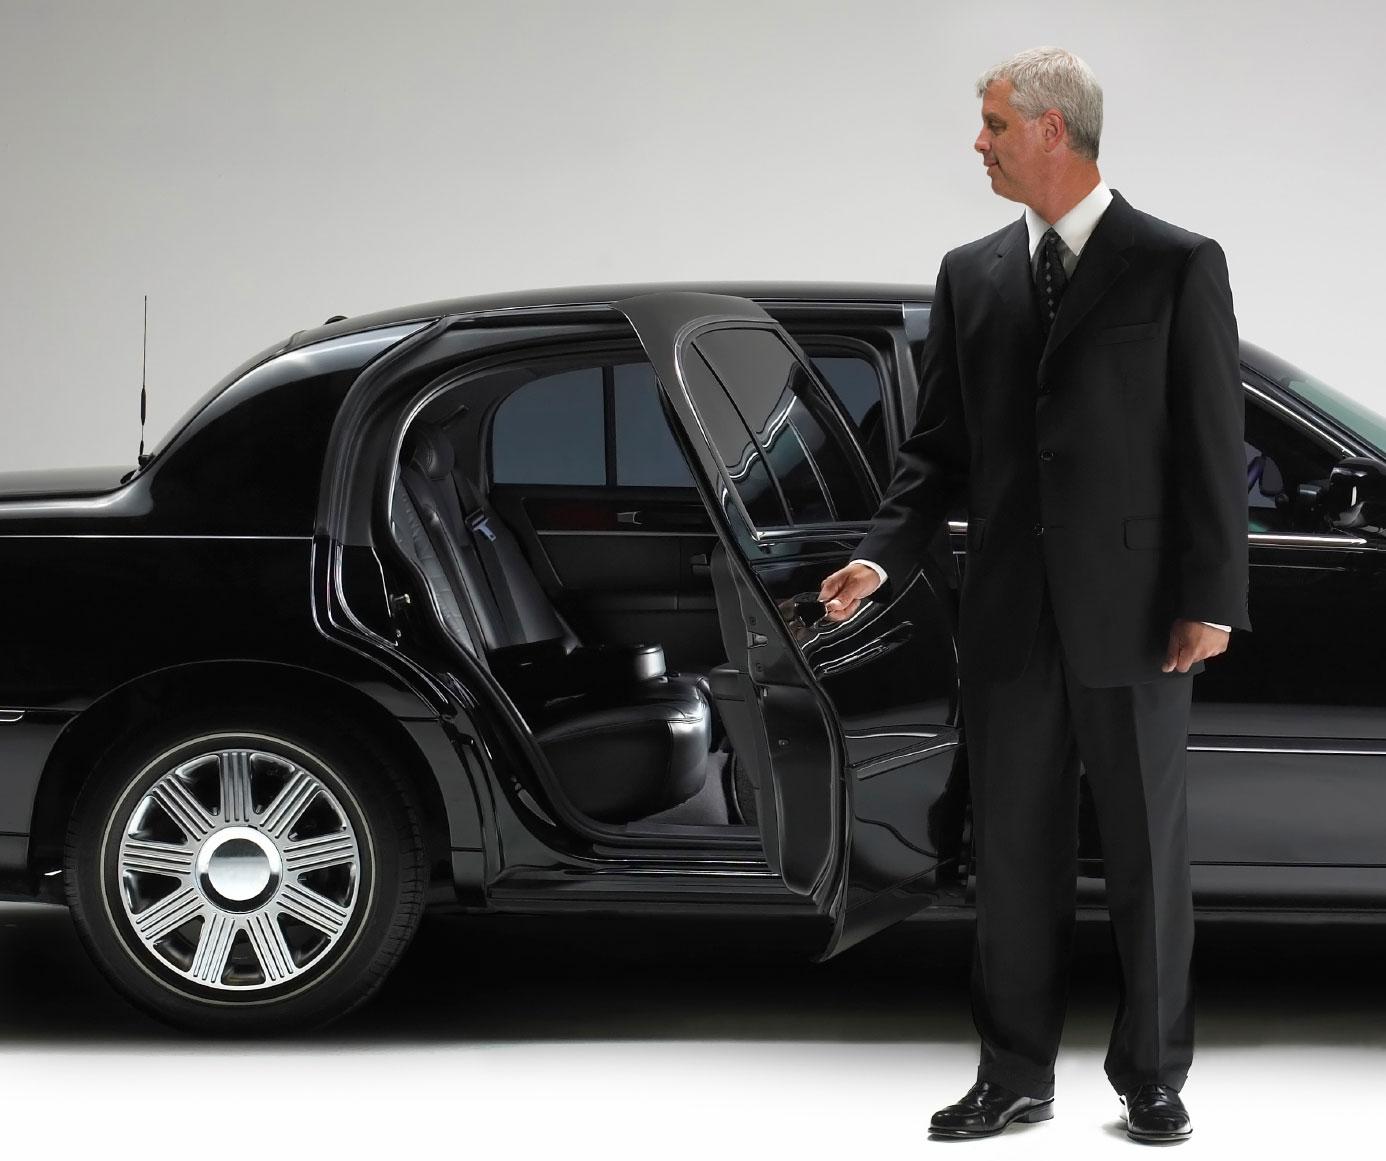 Личный водитель: 5 главных характеристик